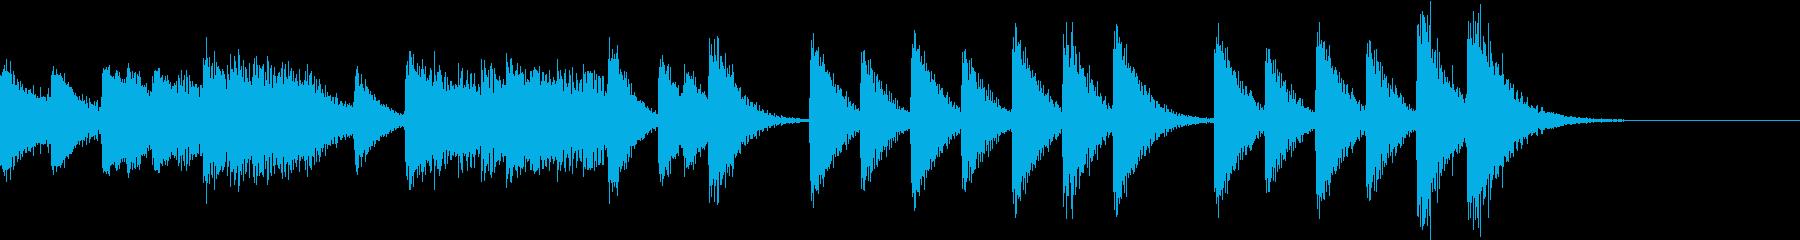 これぞ日本!熱気あるお祭りピアノジングルの再生済みの波形